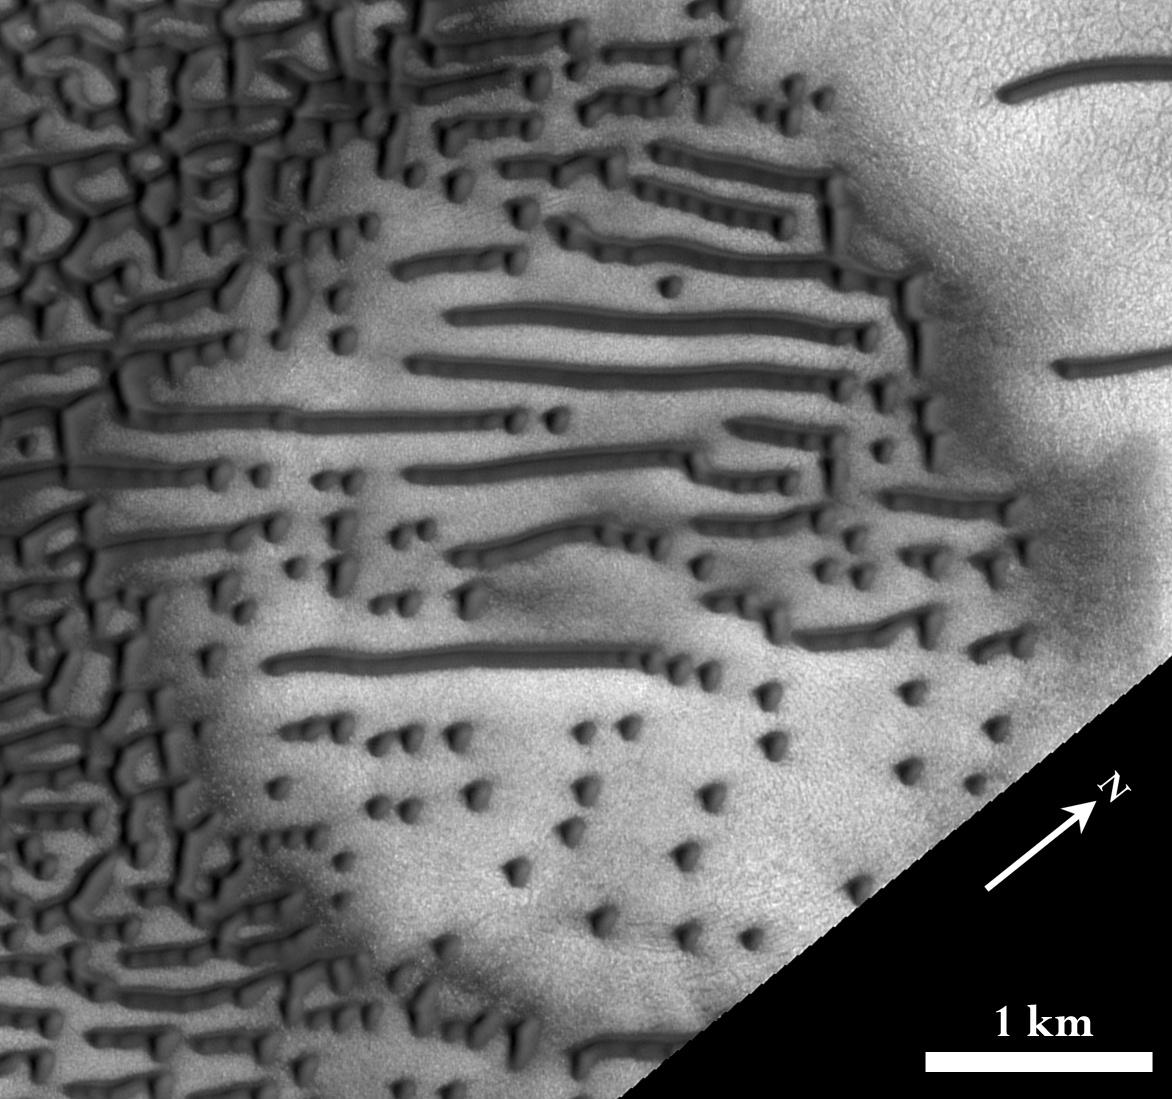 Азбука Морзе на марсианских дюнах - 1